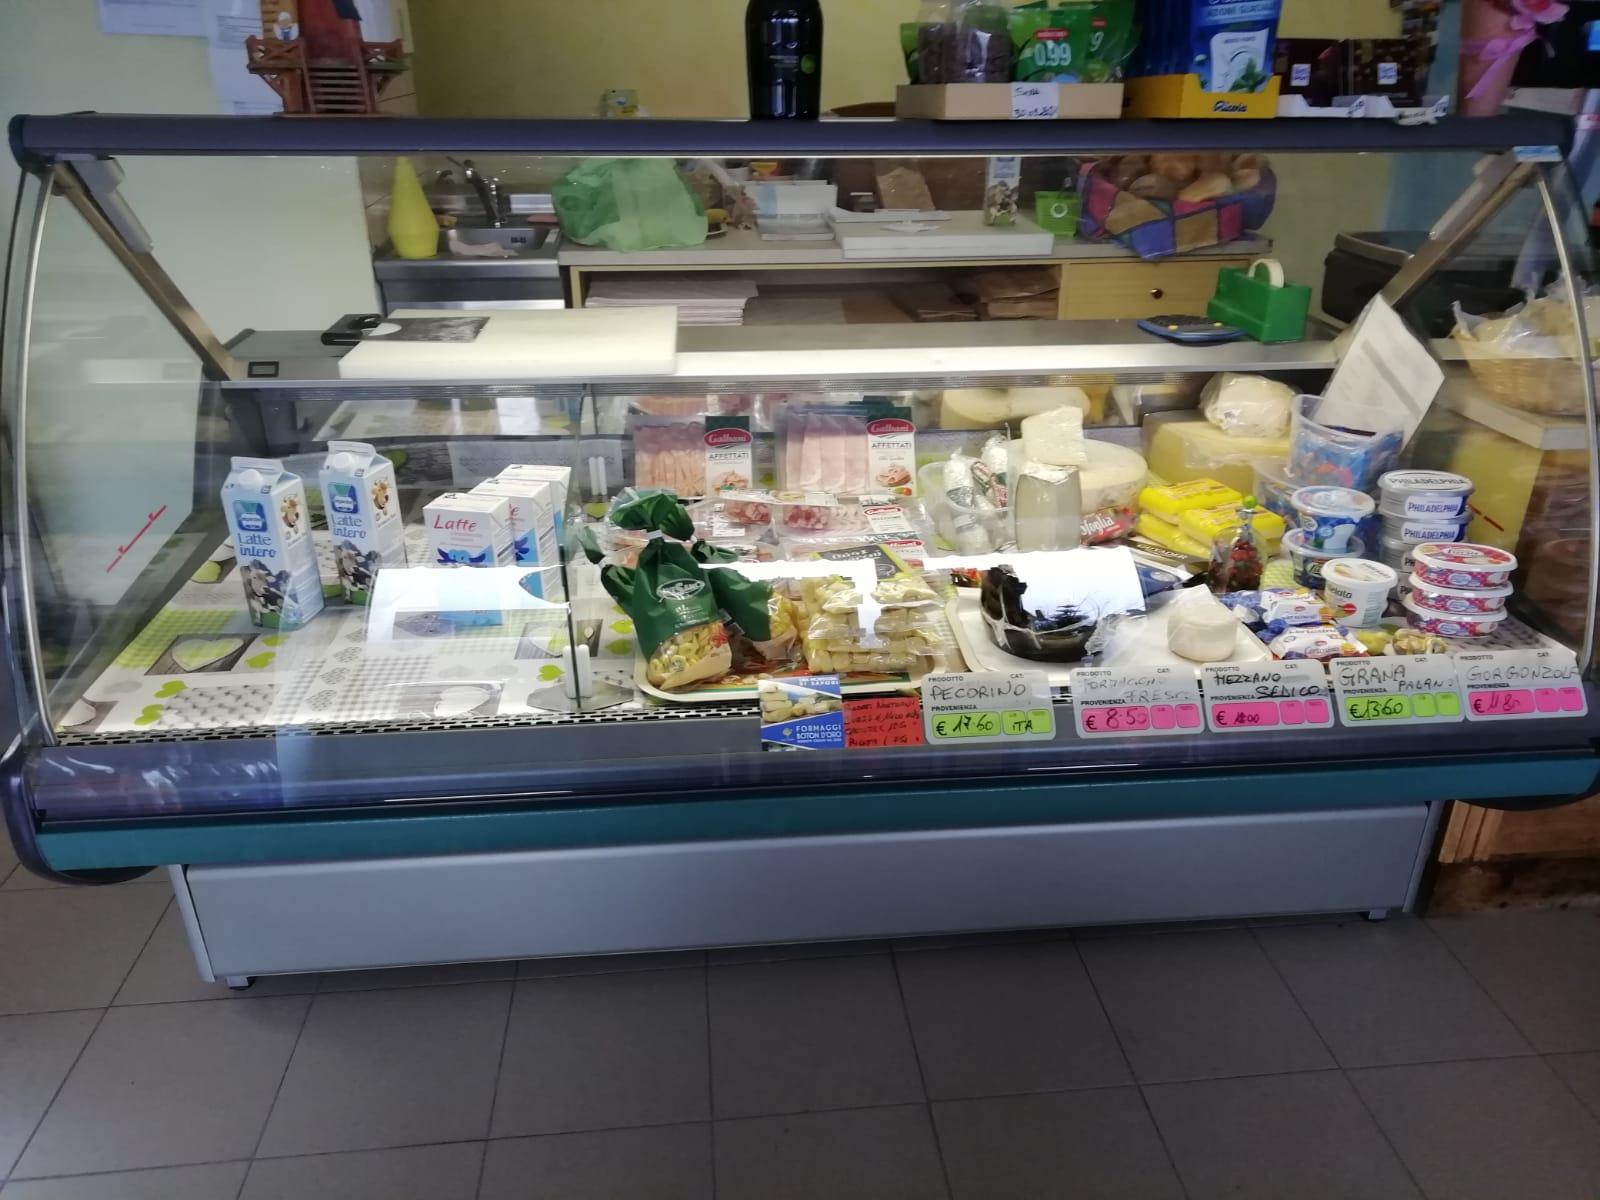 Attrezzature supermercato in vendita